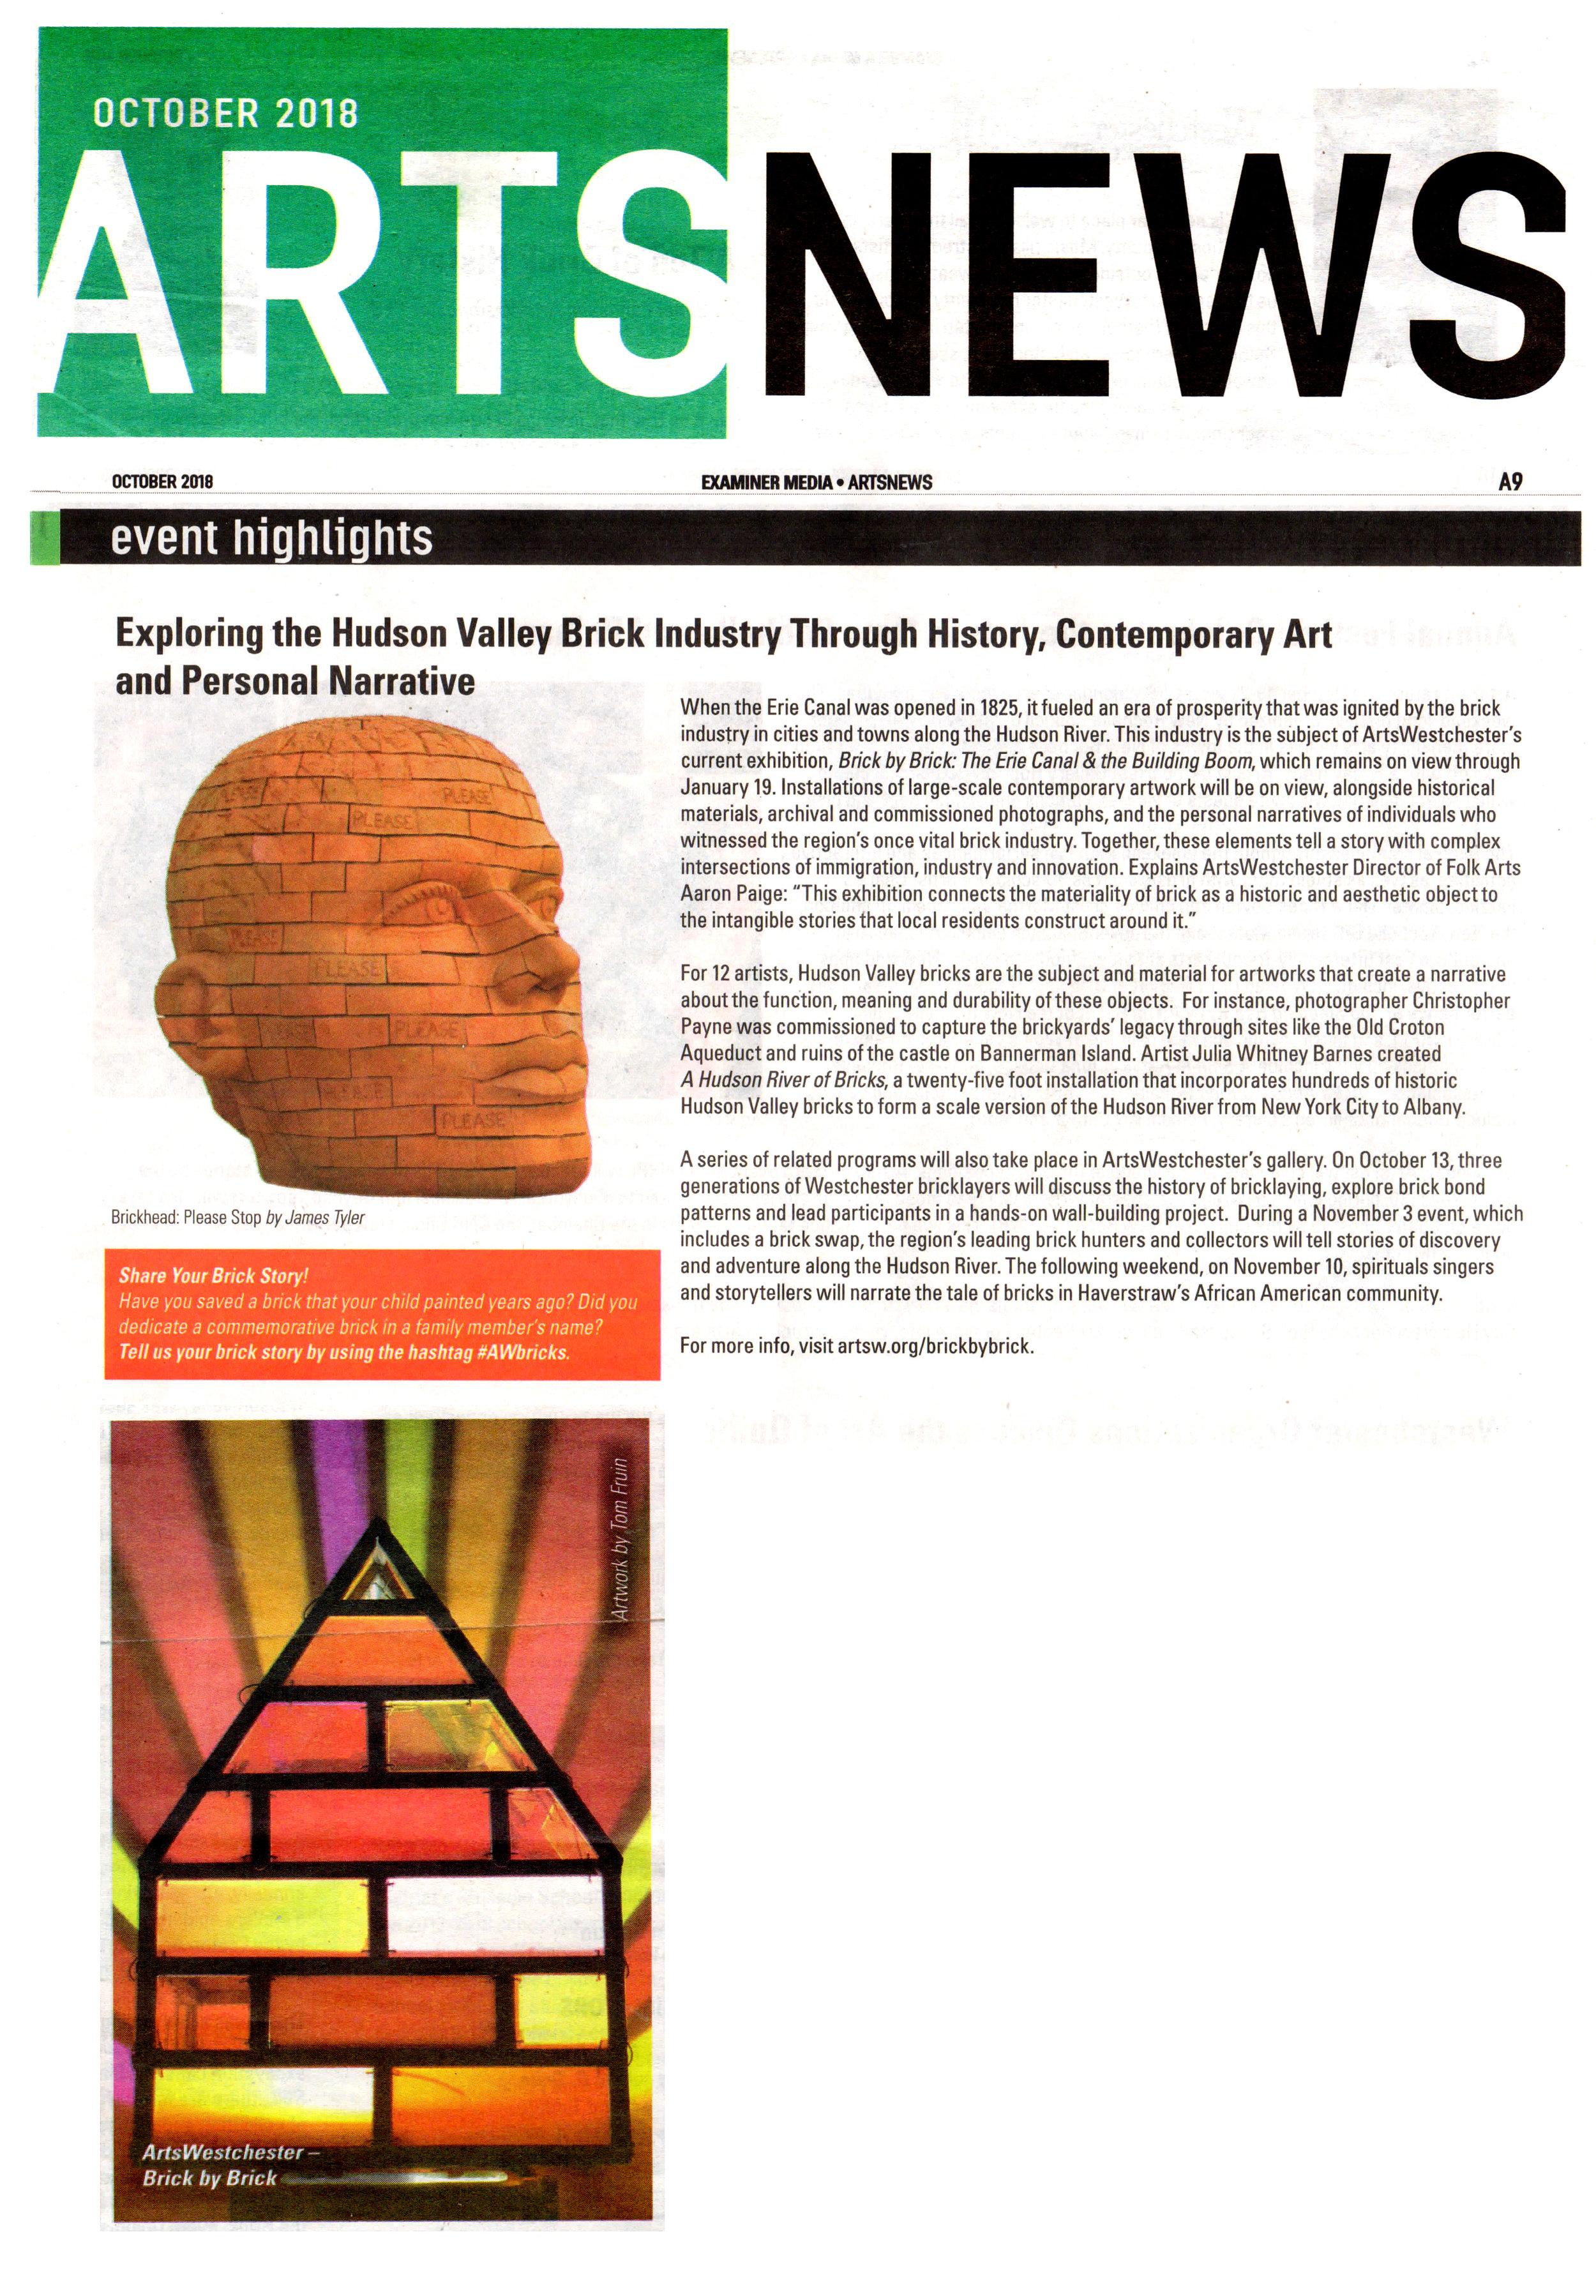 ArtsNews